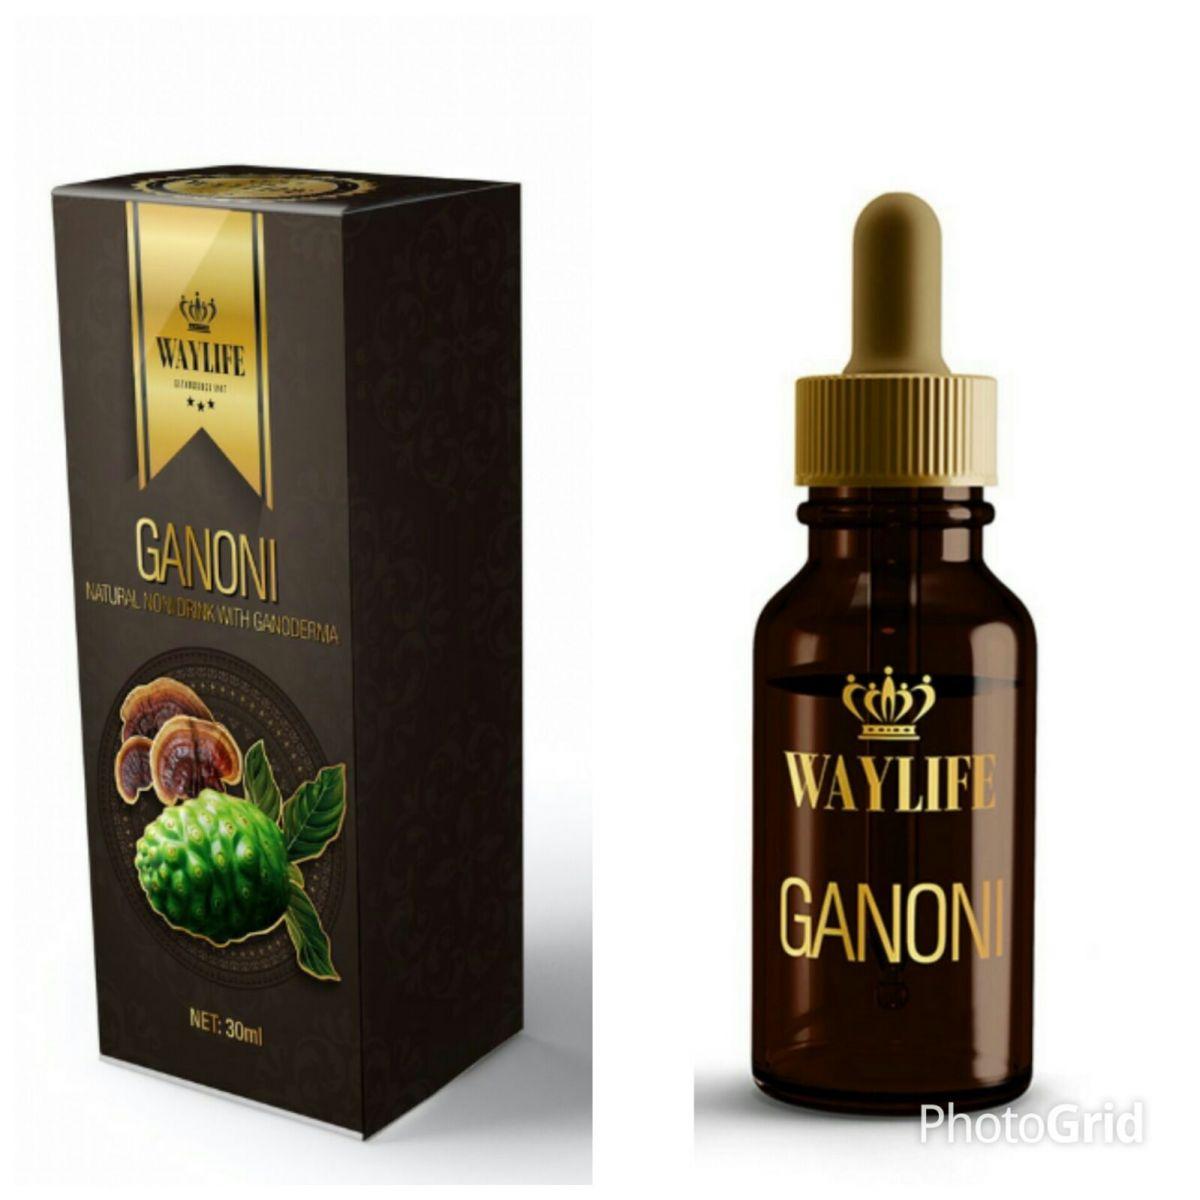 Ganoni